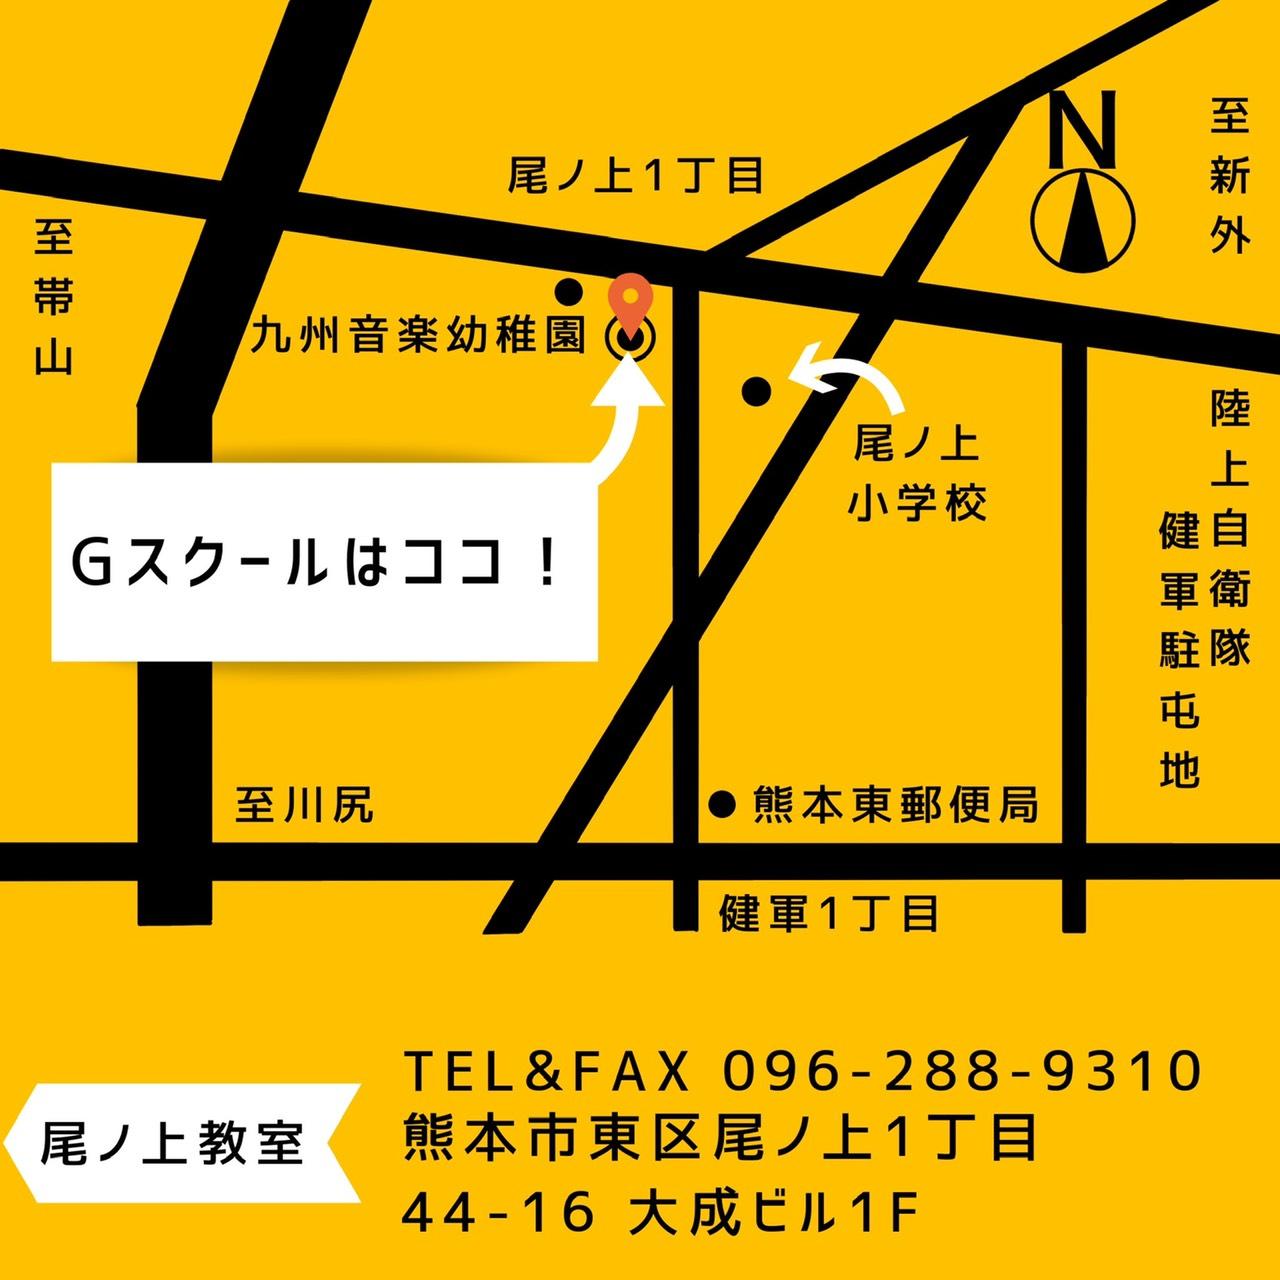 尾ノ上の地図